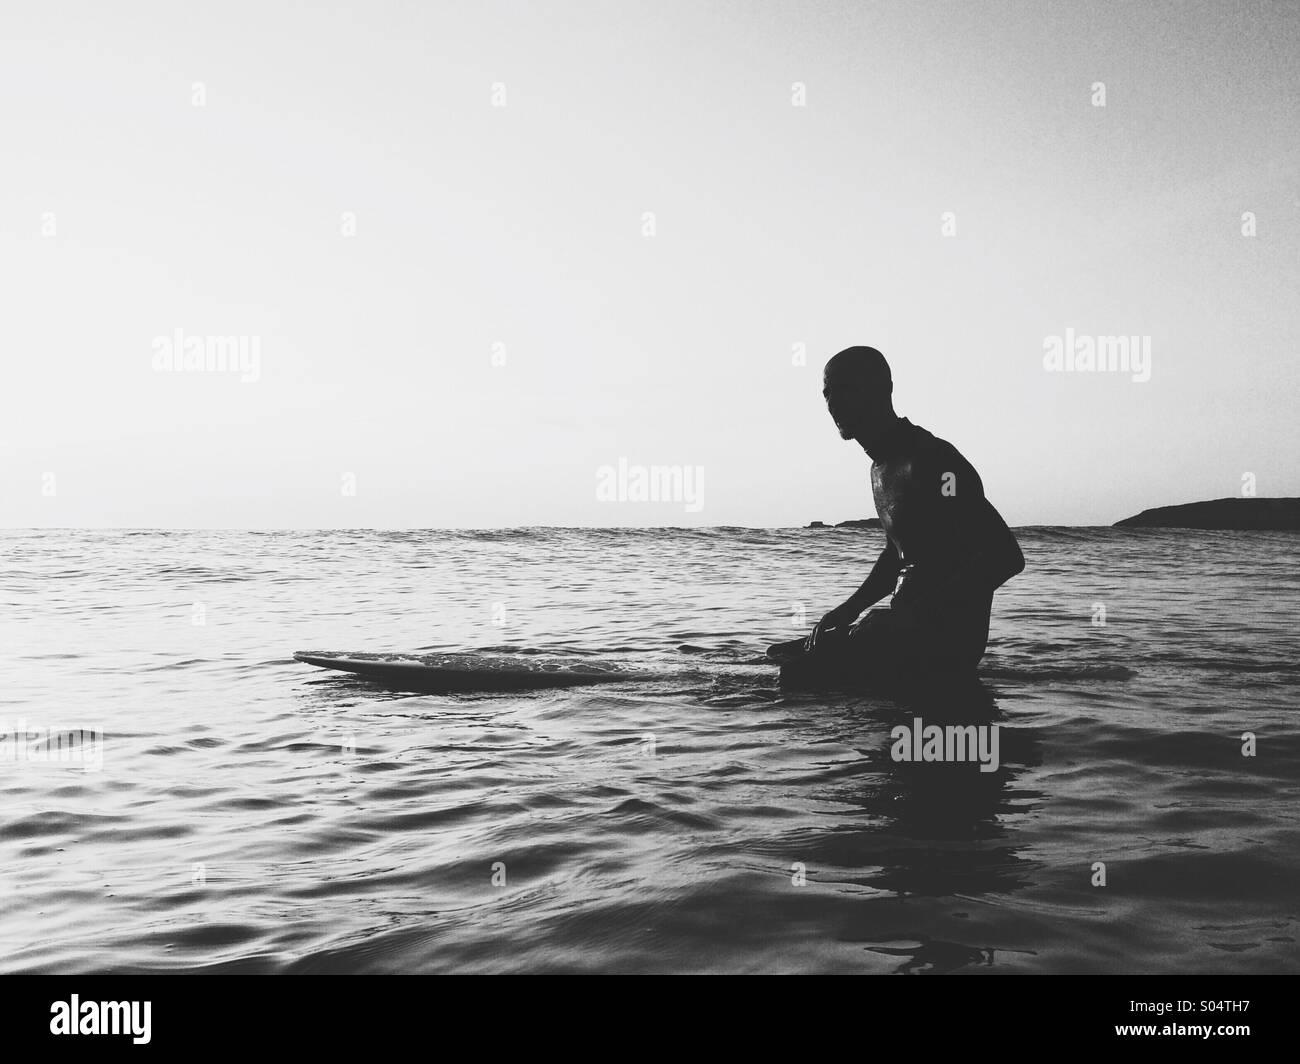 Surf surfeur sur en attente de vagues. Photo Stock